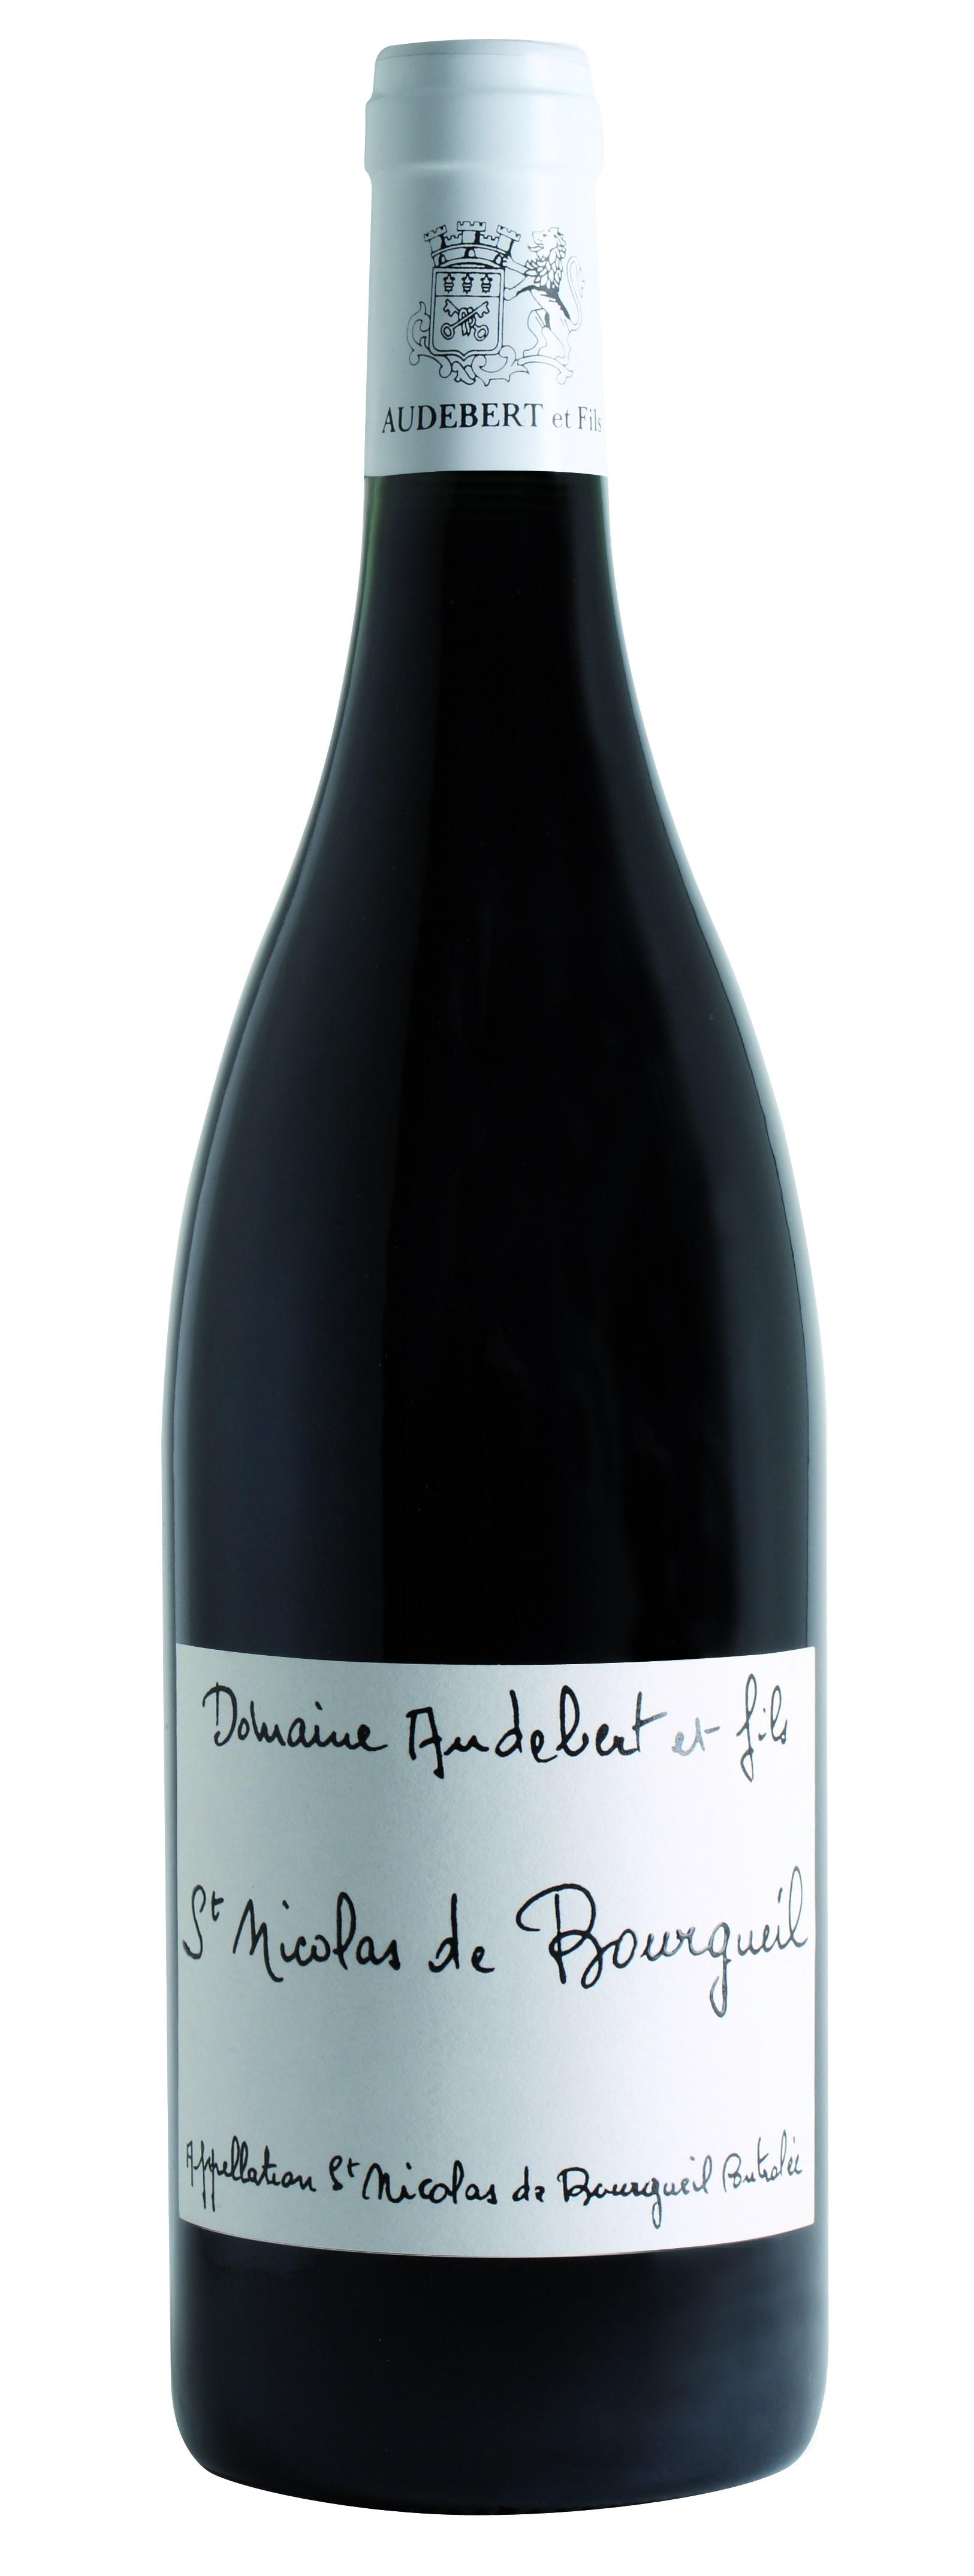 St Nicolas de Bourgueil 2019 - 375 ml